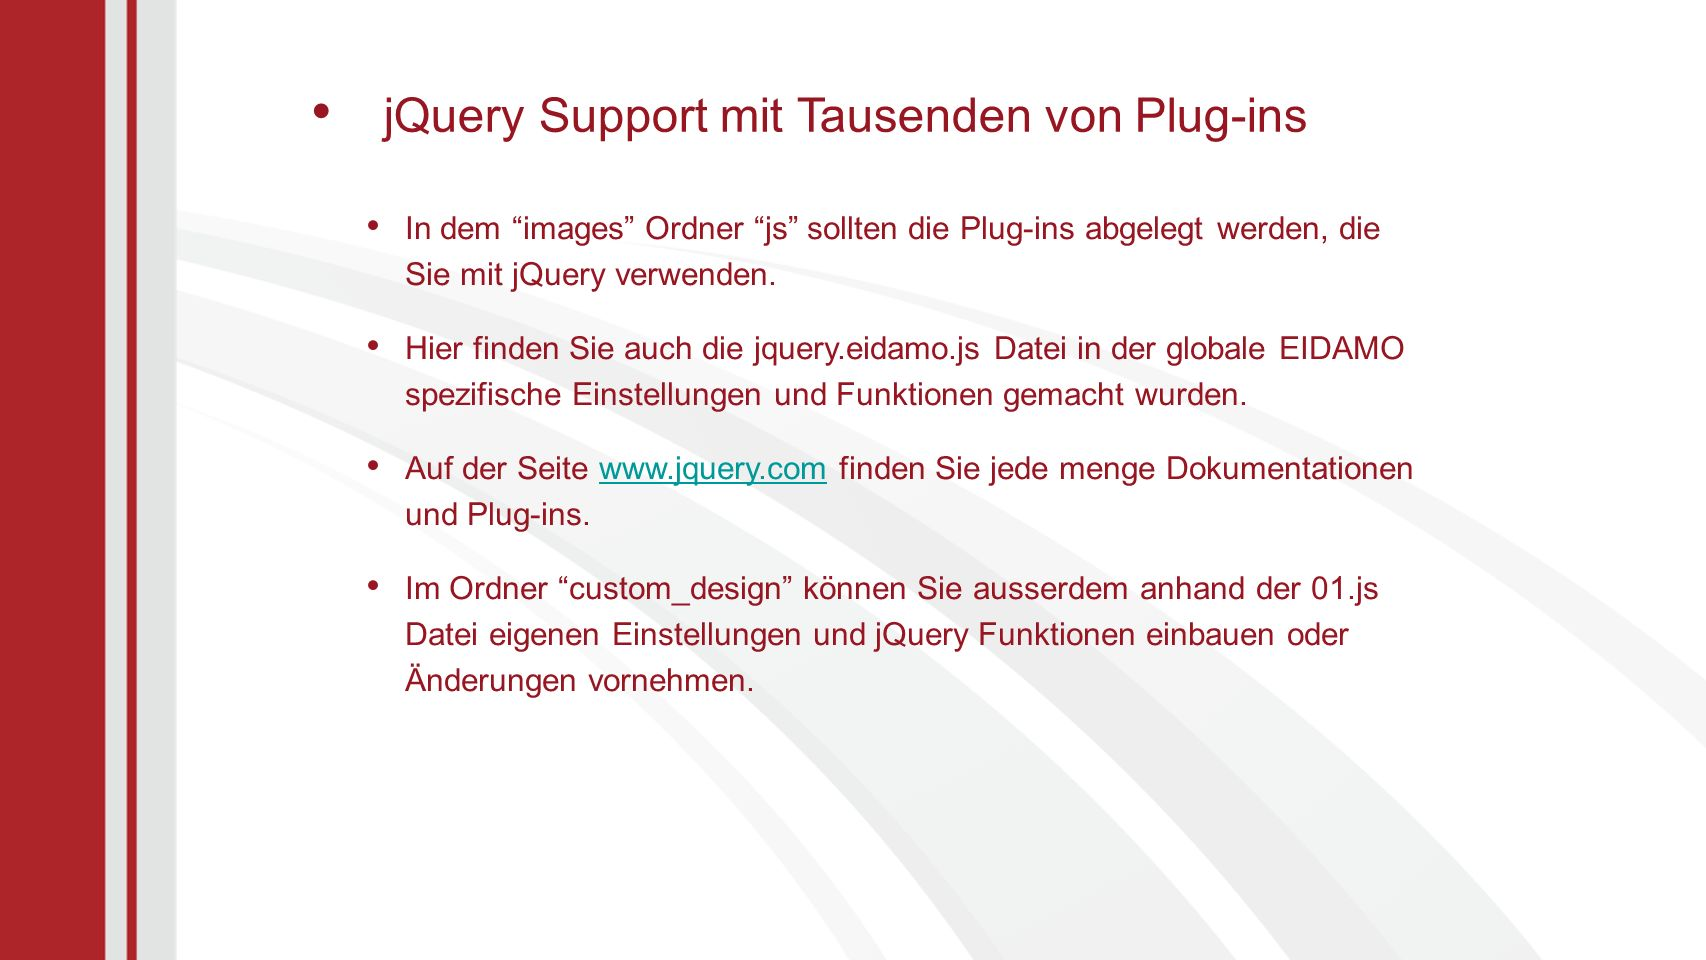 In dem images Ordner js sollten die Plug-ins abgelegt werden, die Sie mit jQuery verwenden.